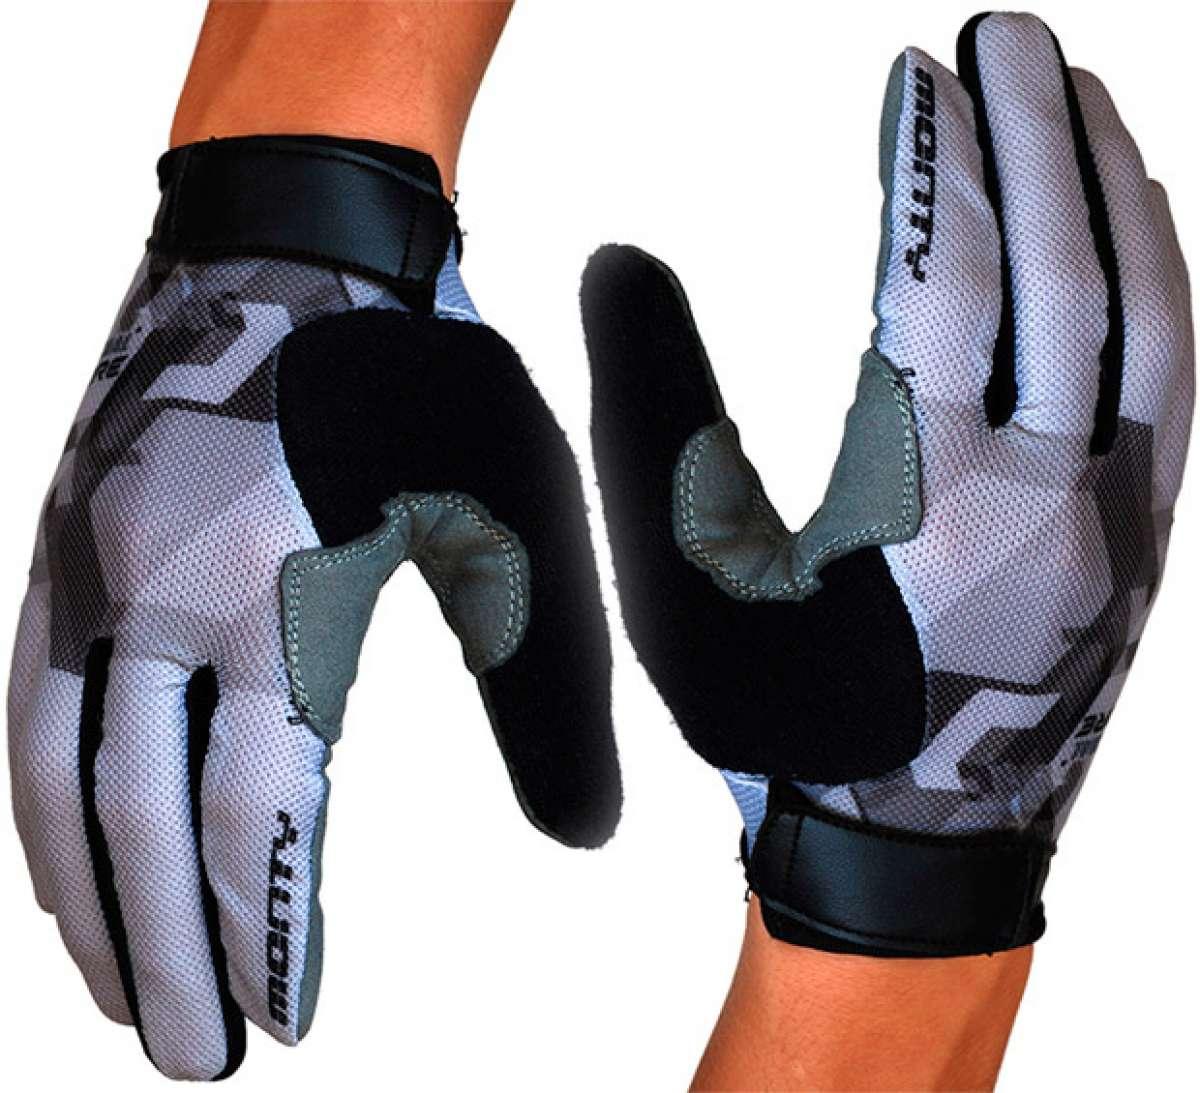 Nuevos guantes de entrada de gama Monty TrialCORE